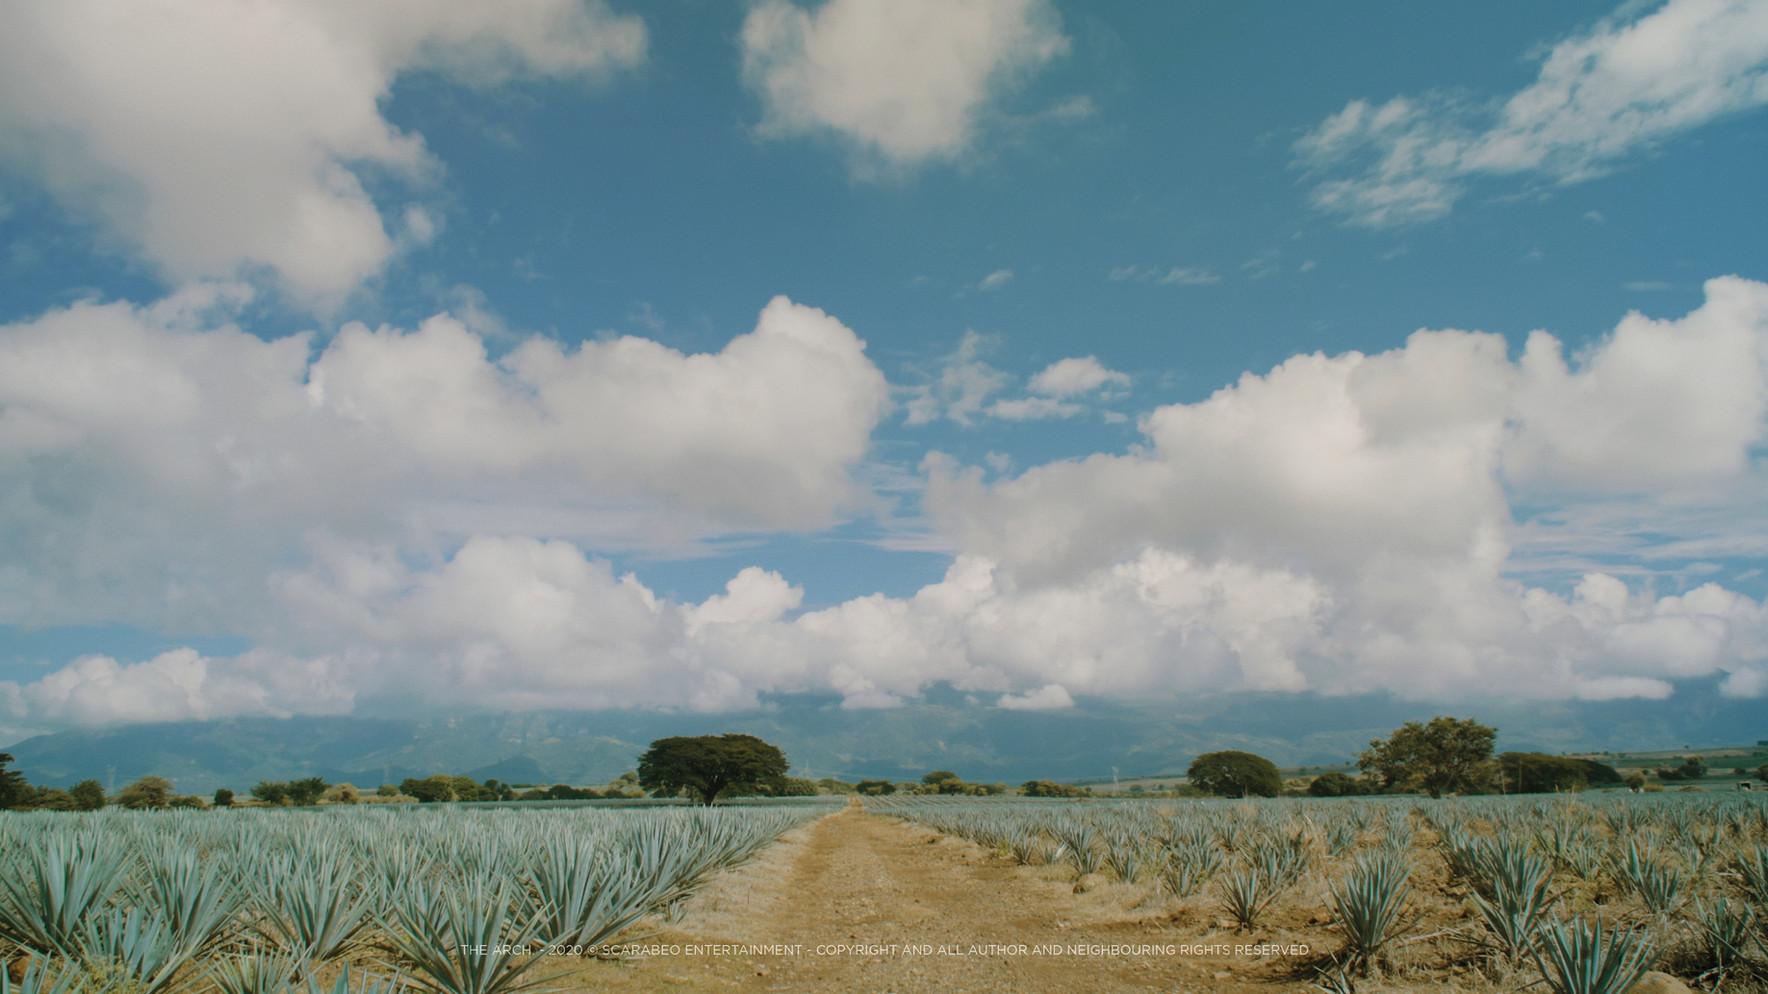 Tequila Skyline